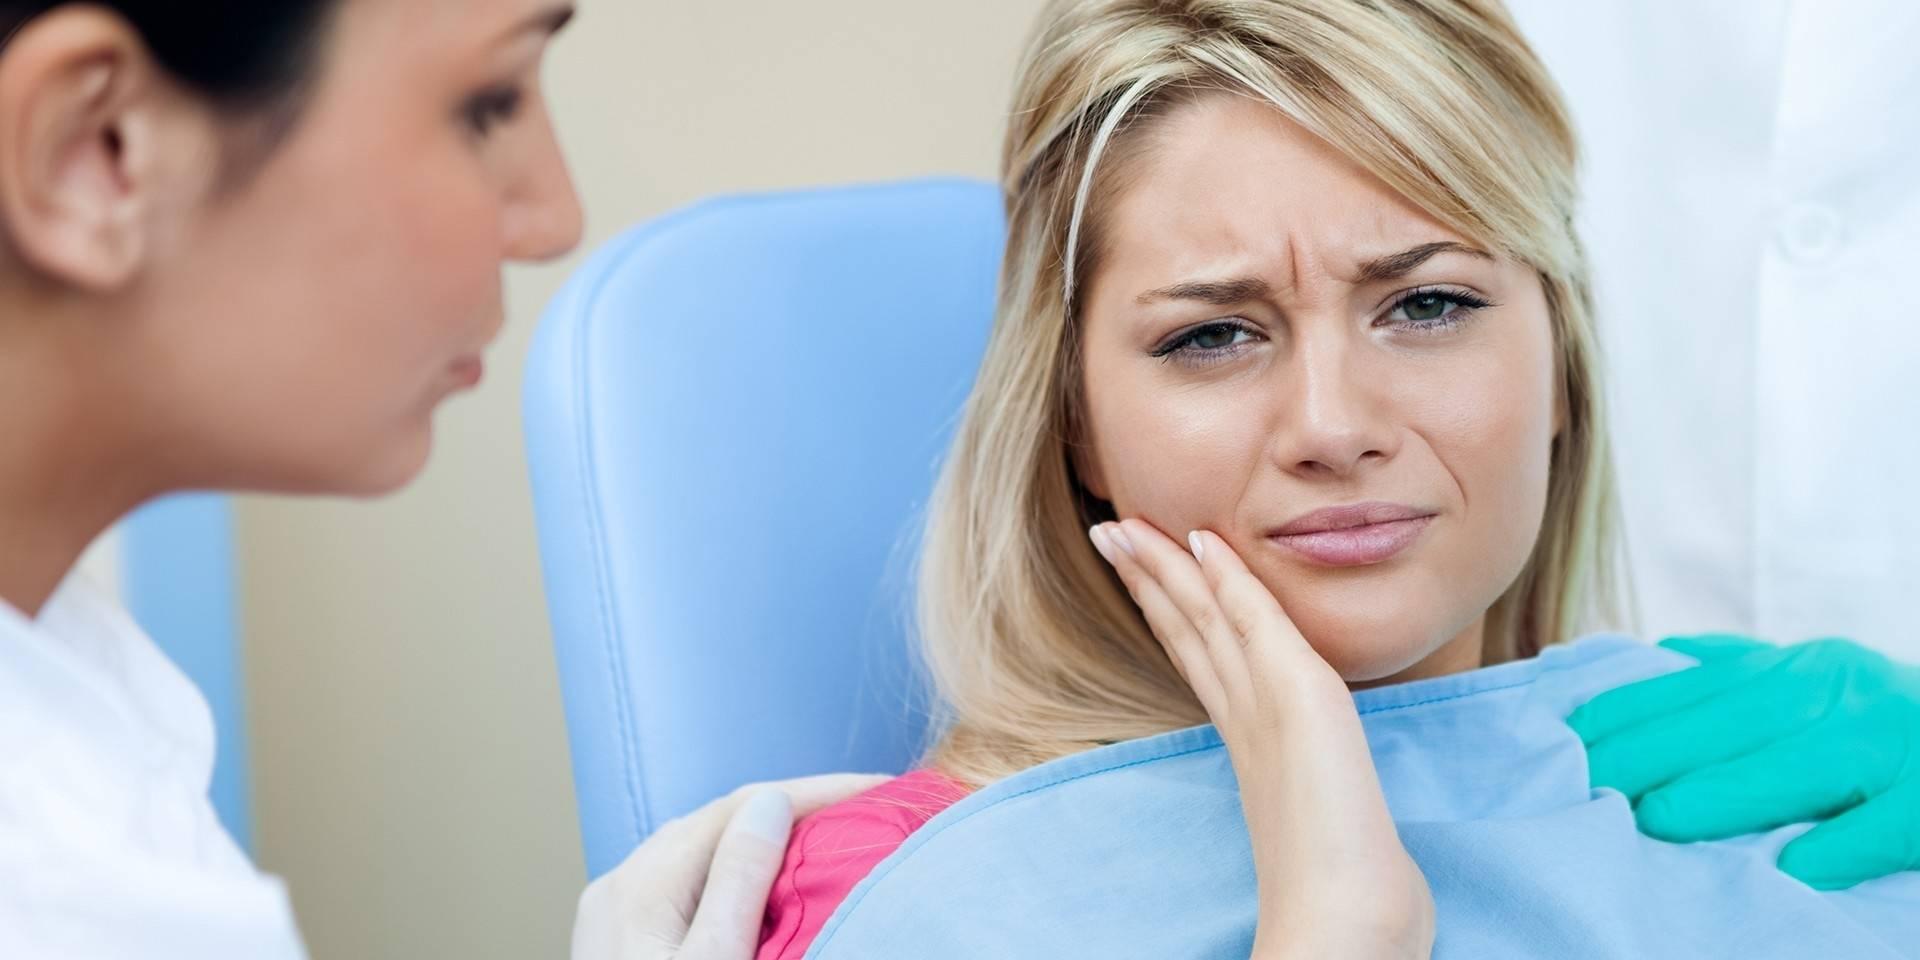 Простые способы лечения: чем быстро обезболить зубную боль в домашних условиях без таблеток?